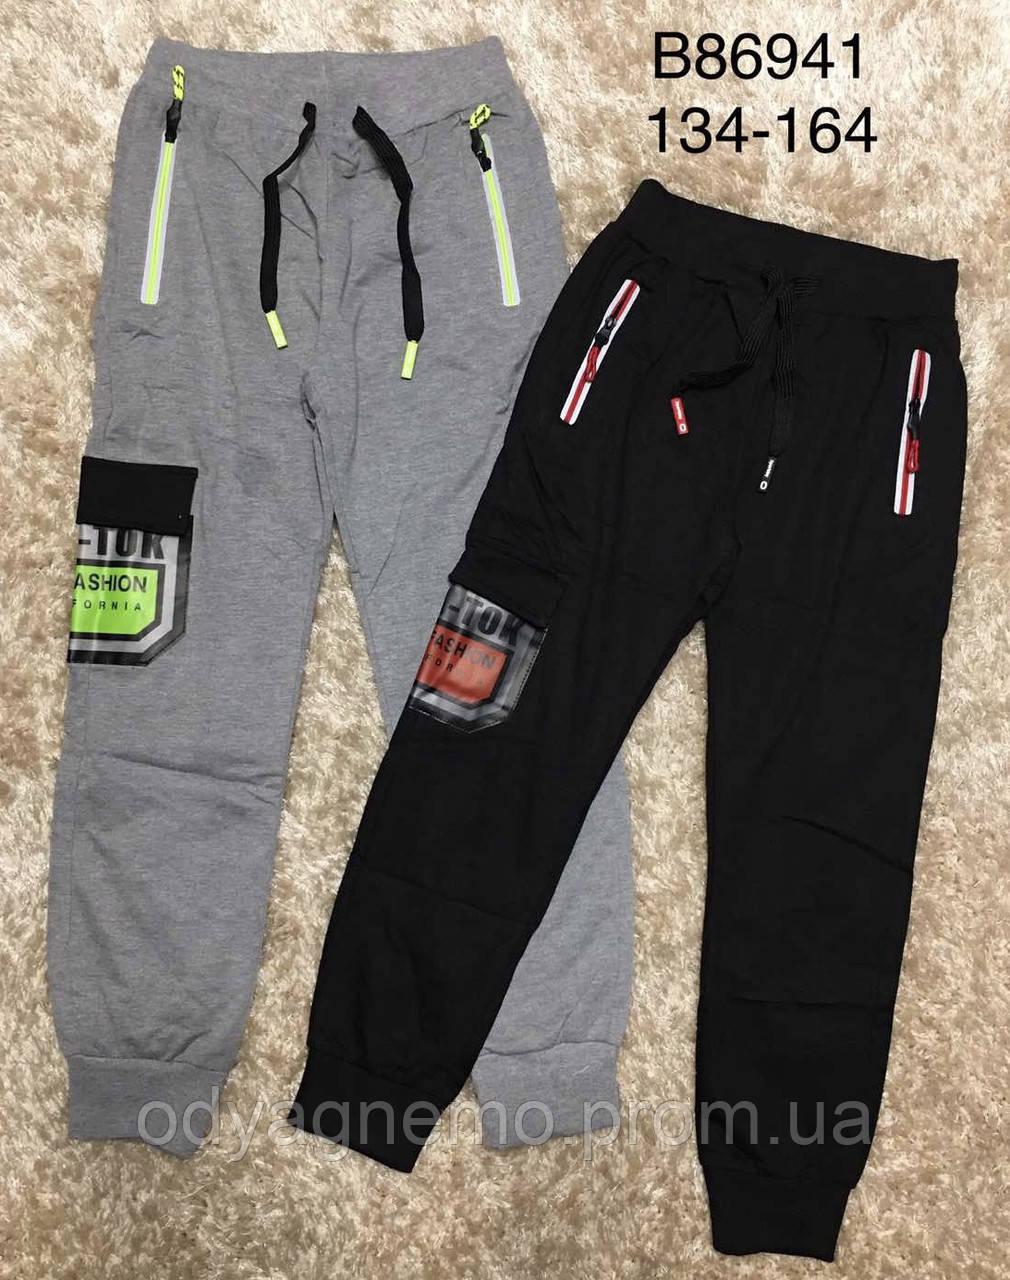 Спортивные брюки для мальчиков Grace, 134-164 рр. Артикул: B86941